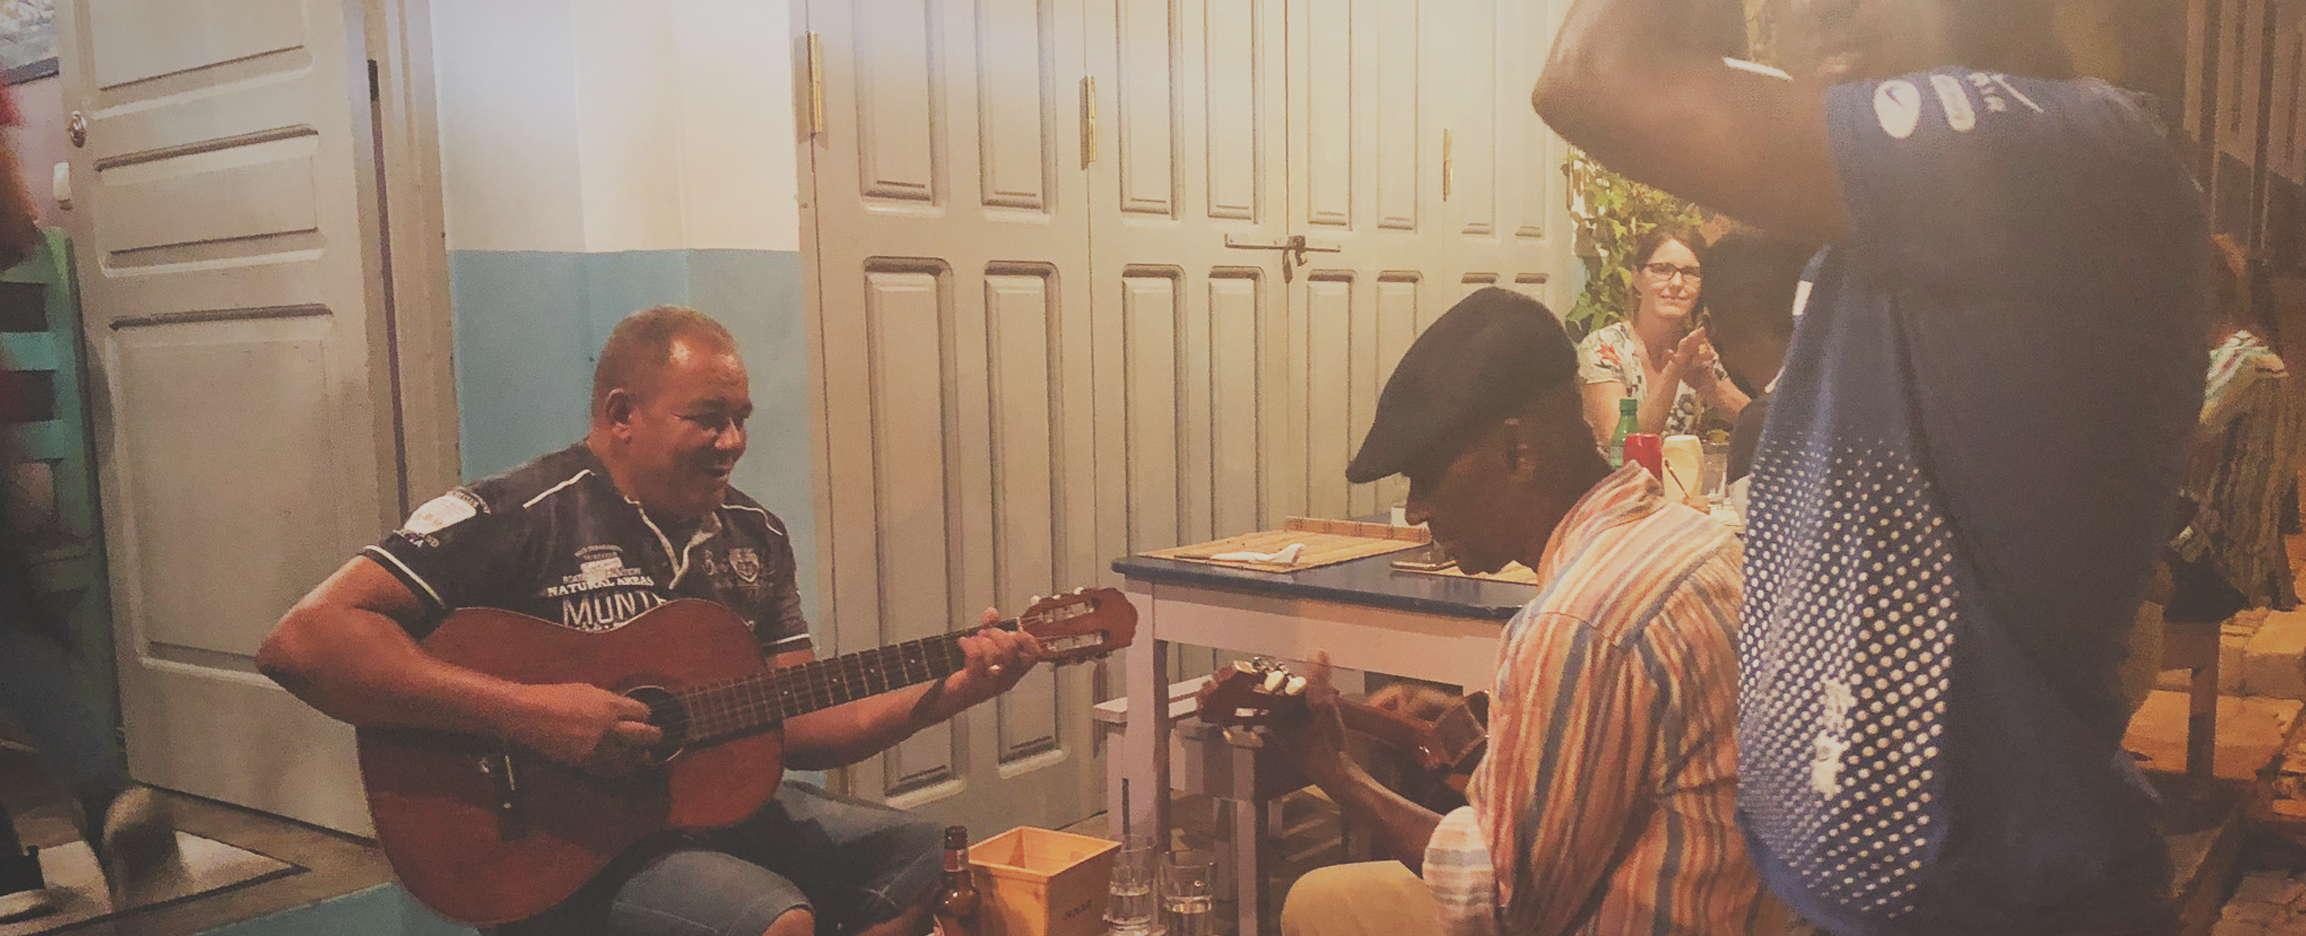 música en cabo verde en vivo durante la cena